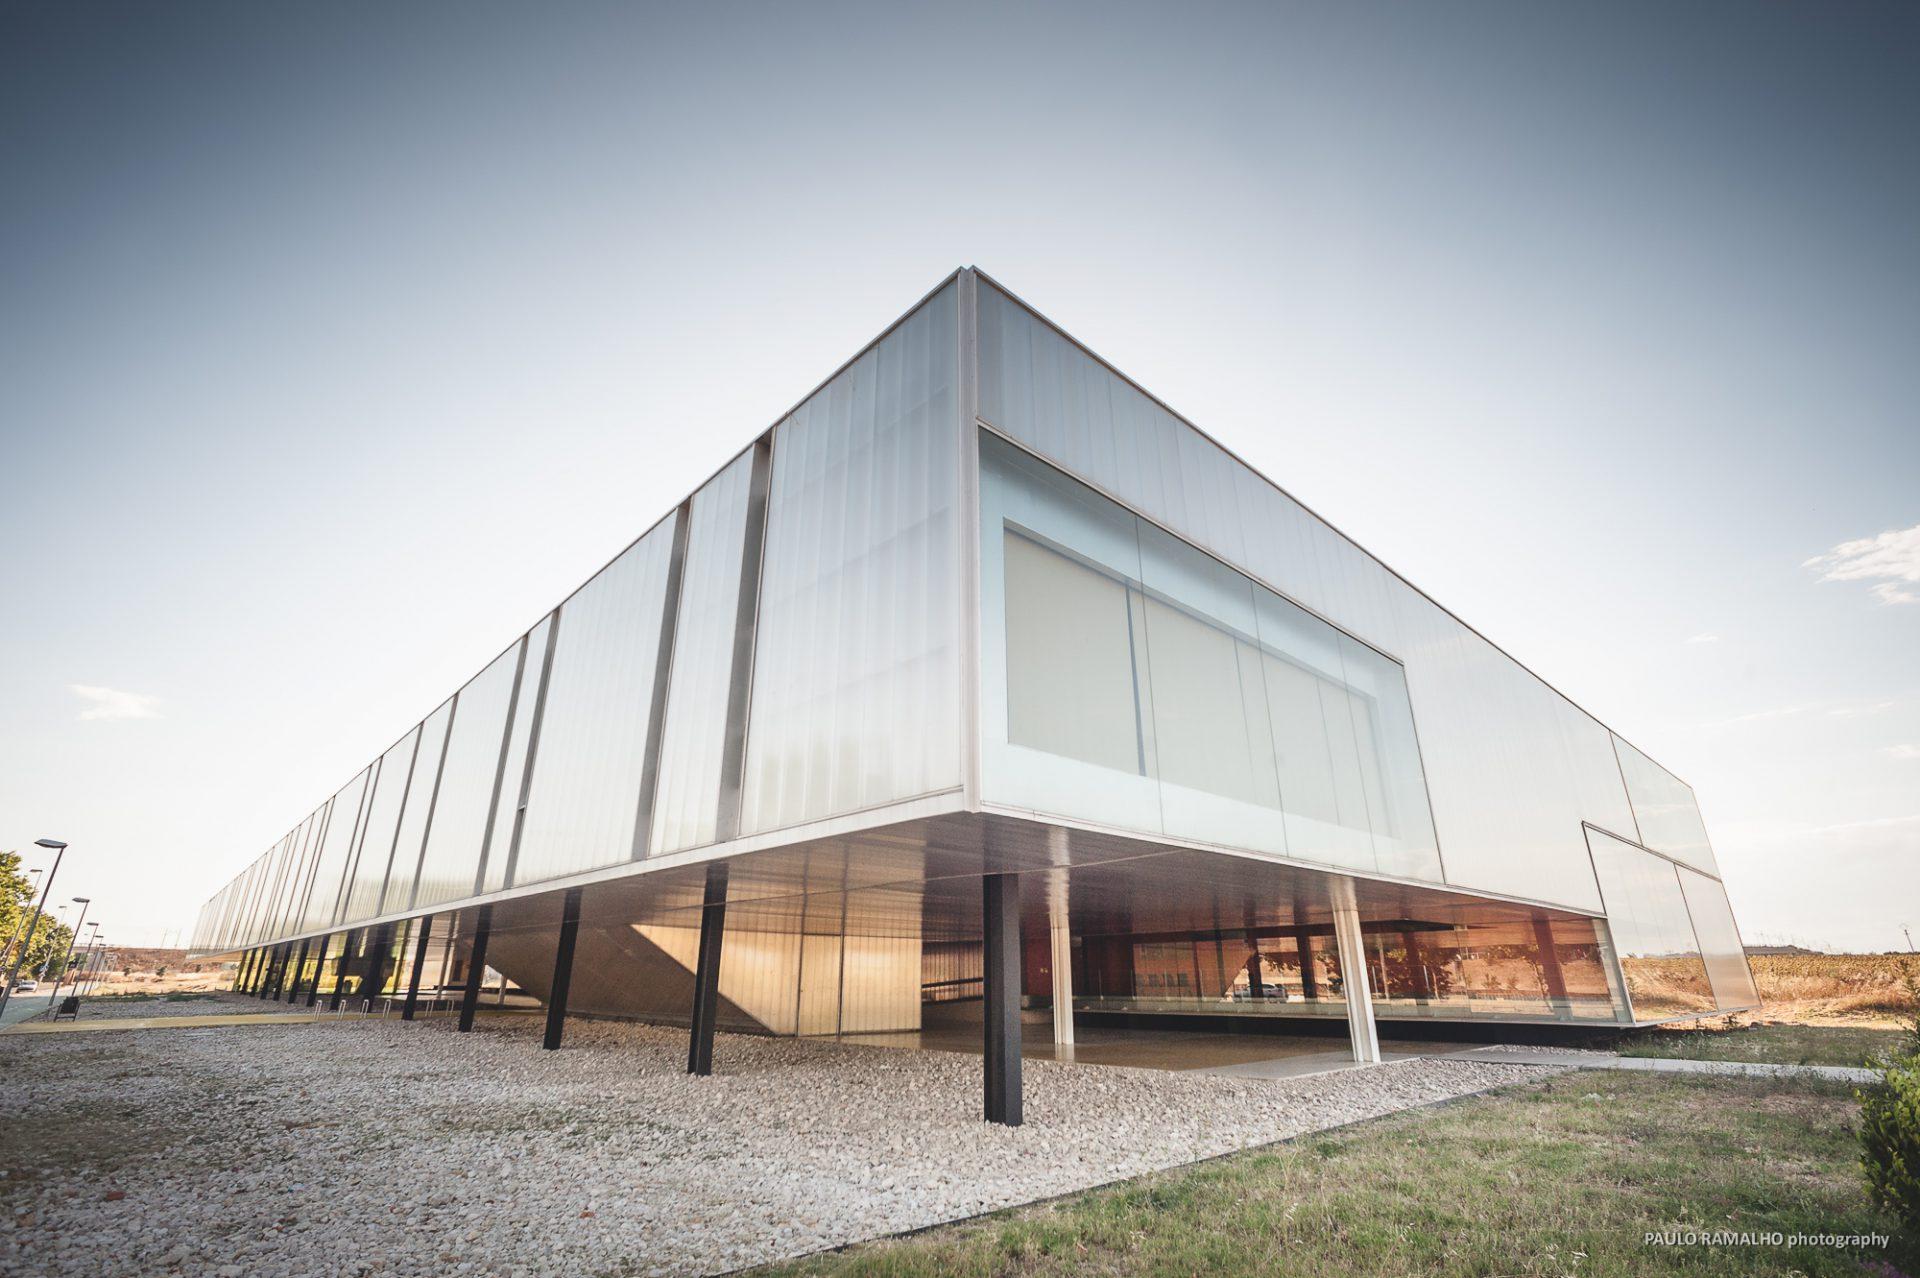 Reportaje fotográfico para publicidad de la Universidad Pablo de Olavide, Sevilla | Paulo Ramalho fotografía publicitária